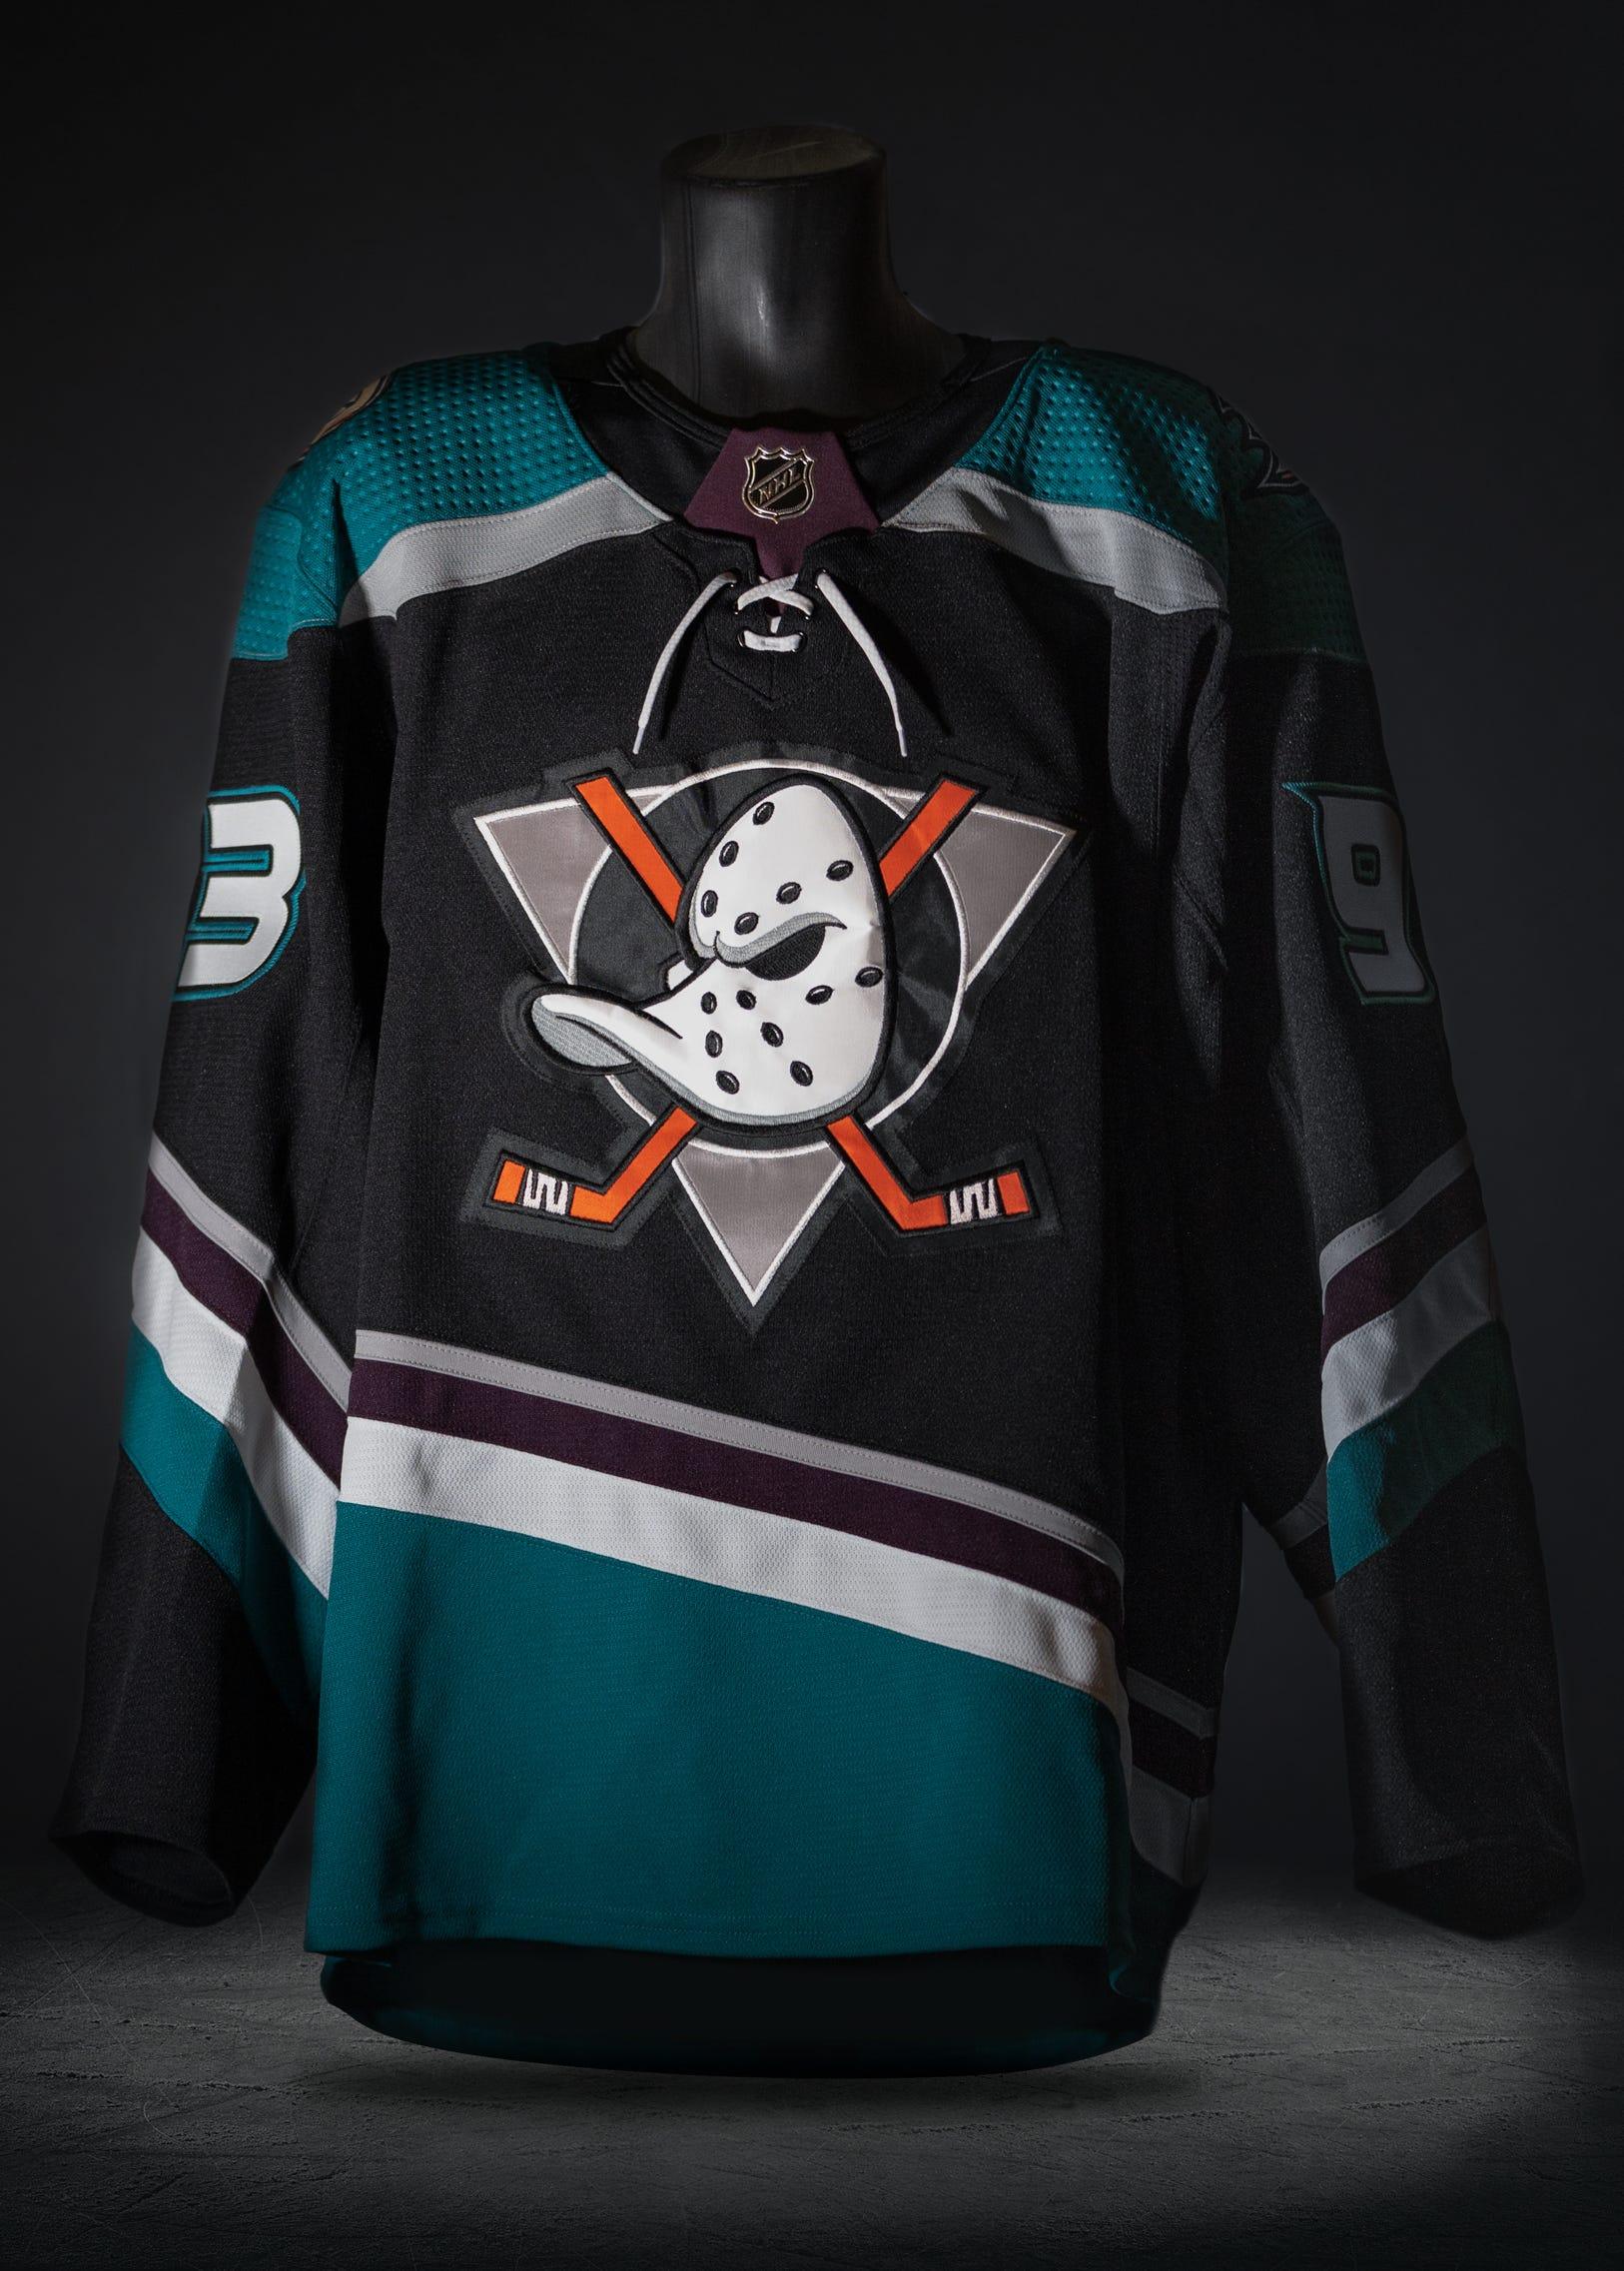 nhl home jerseys 2019